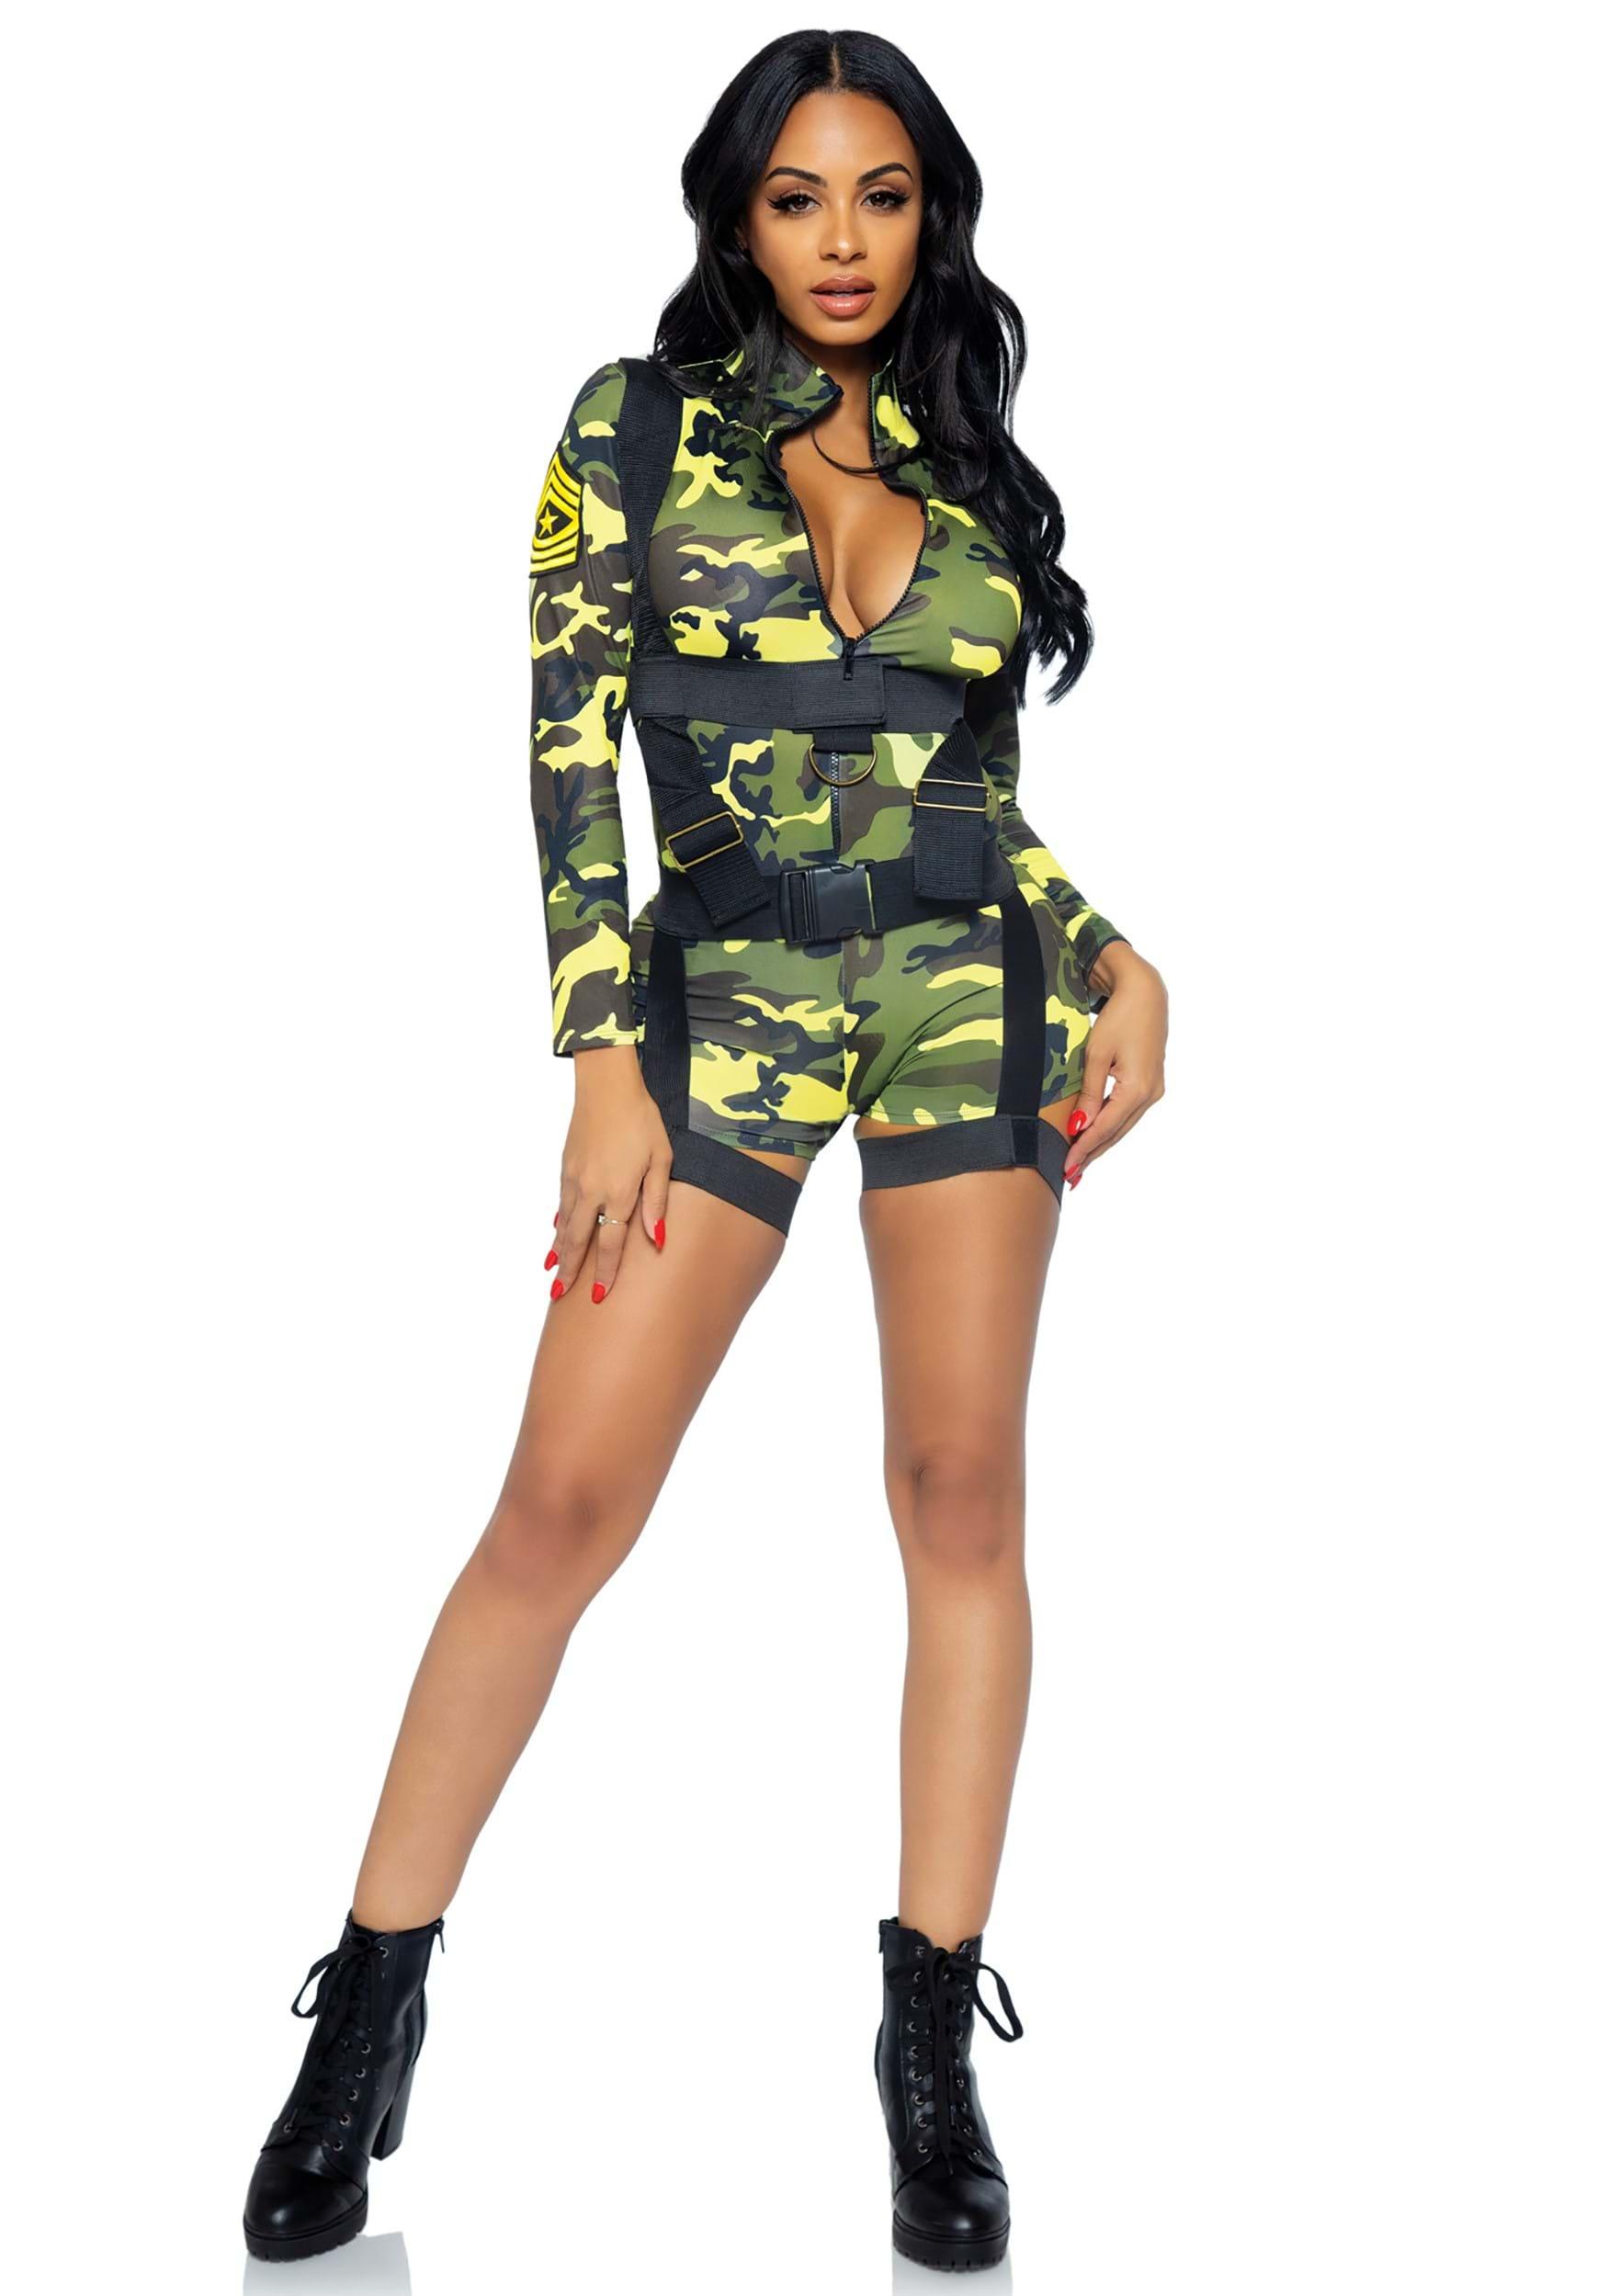 dfebb7397da3f Women's Goin Commando Army Costume